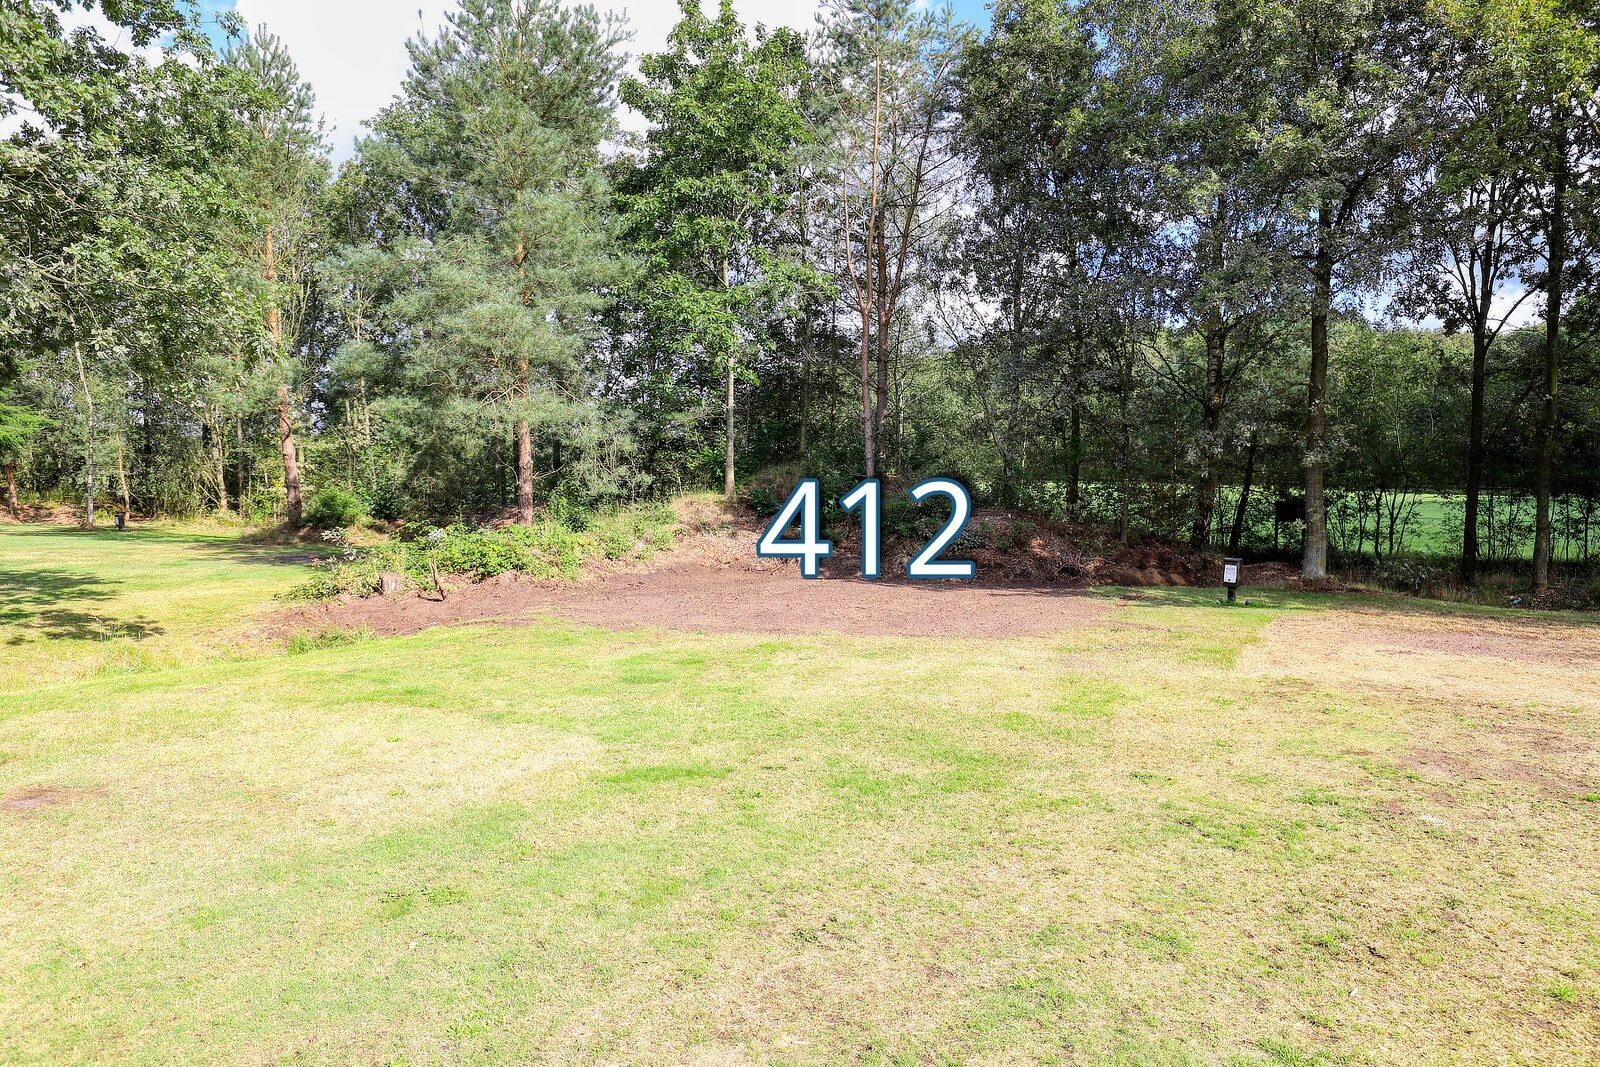 meemsveld 412